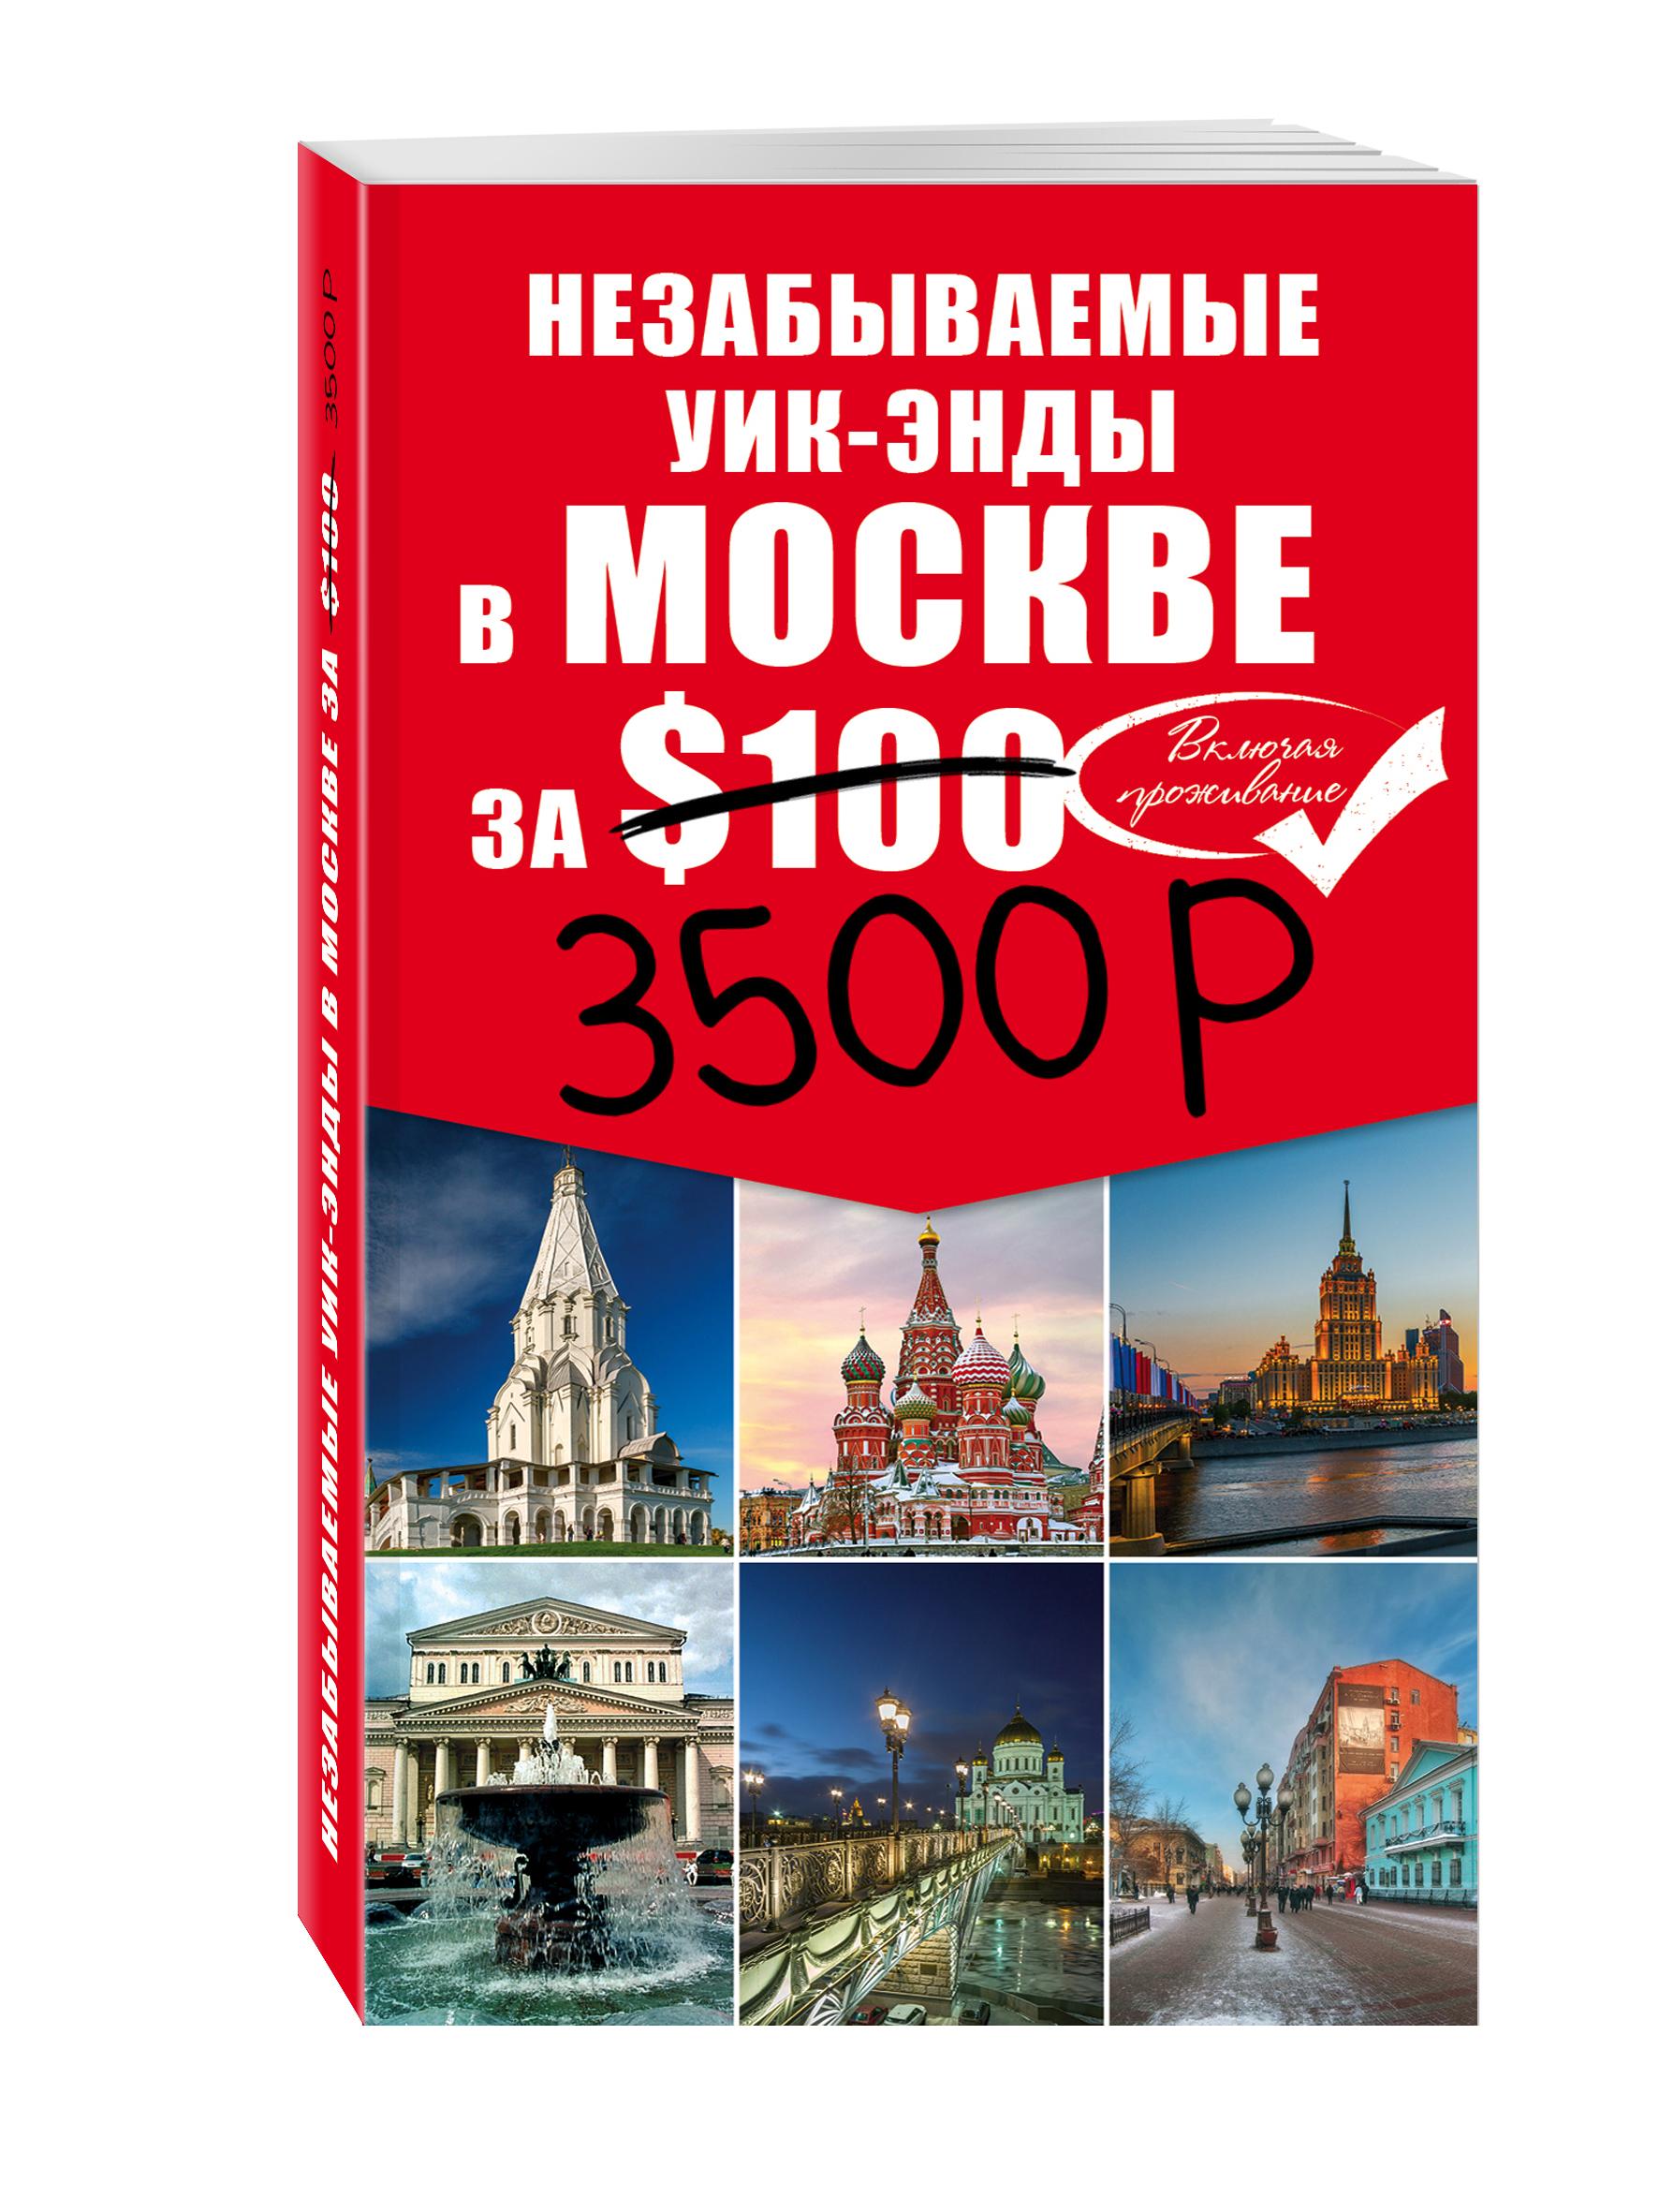 Незабыаемые уик-энды Моске за 3500 рублей и Моска Пешком